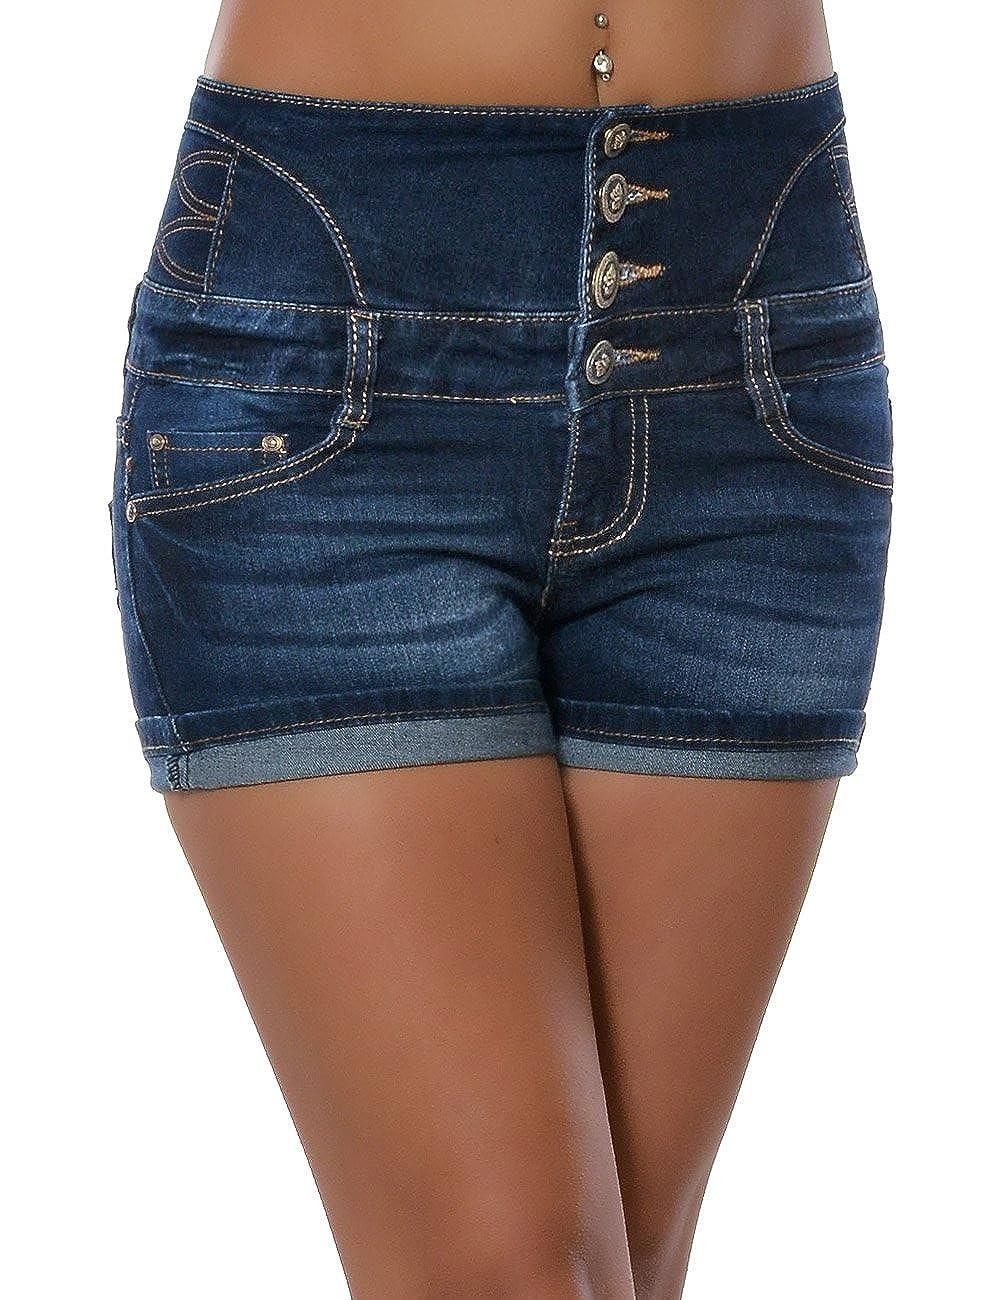 Damen Jeans Kurze Hose Shorts Hot Pants Stretch Corsage Hoher Bund Hochschnitt